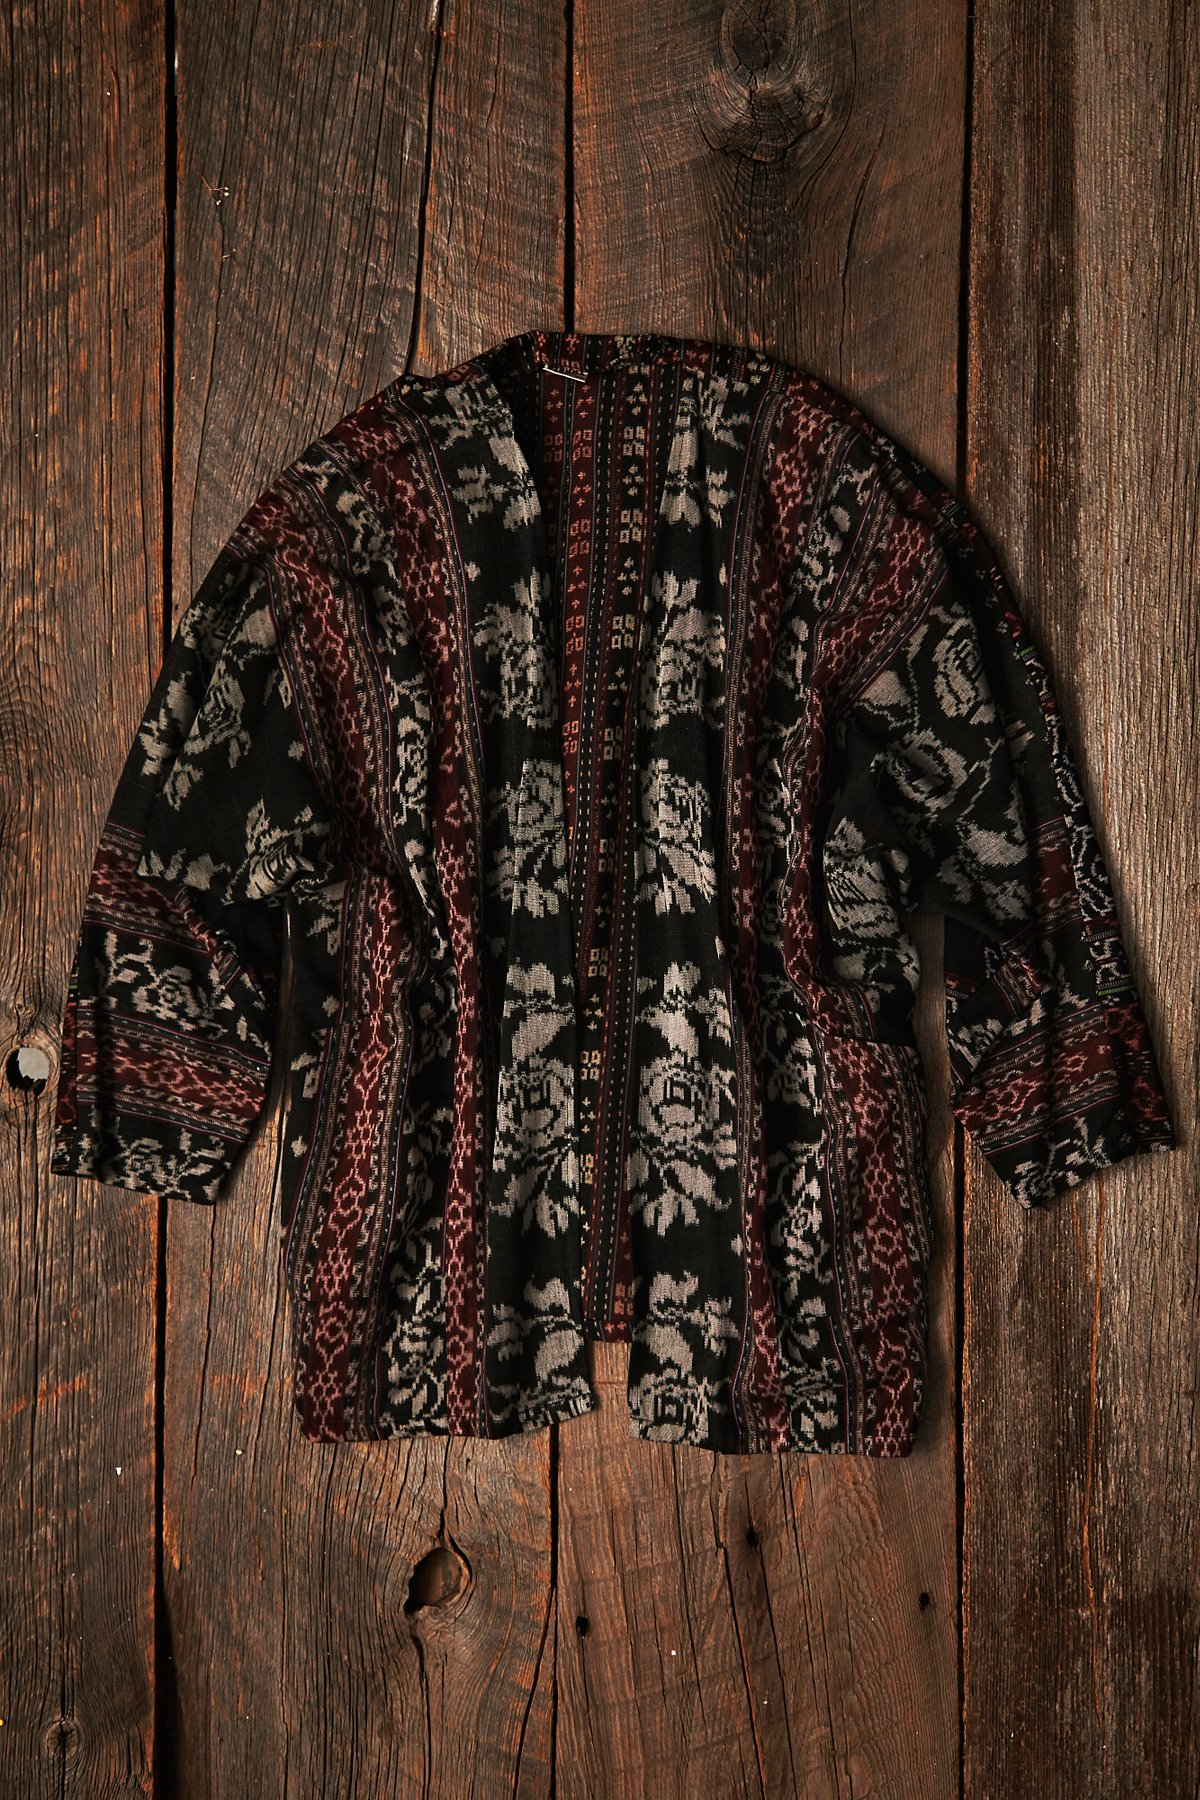 Vintage Embroidered Soft Jacket